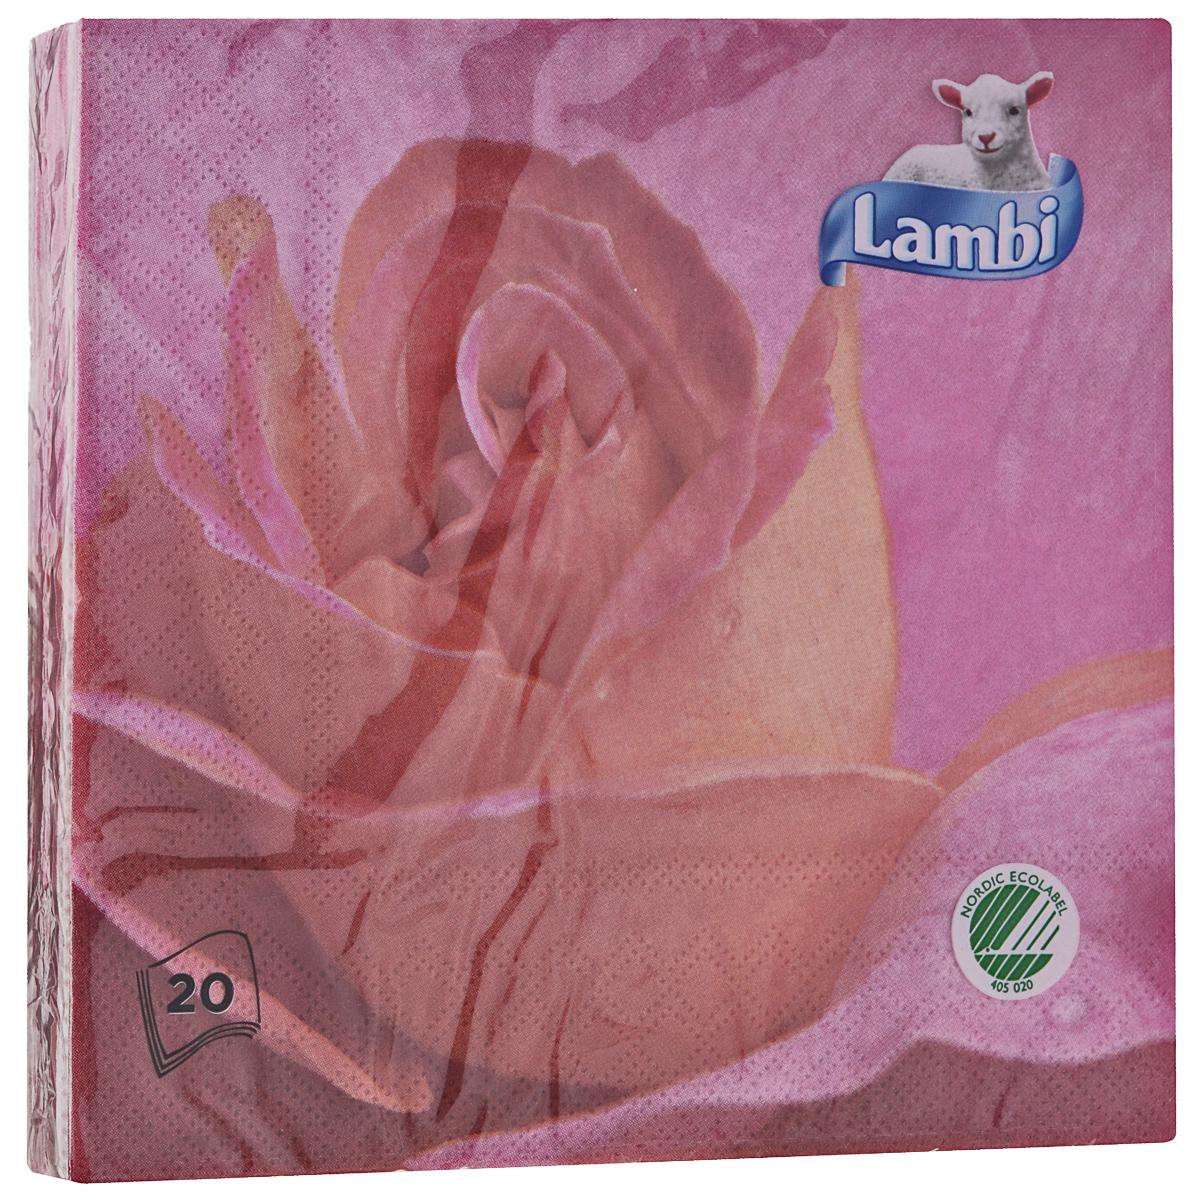 Салфетки Lambi Роза, трехслойные, 33 х 33 см, 20 шт531-301Трехслойные бумажные салфетки Lambi Роза, изготовленные из экологически чистого, высококачественного сырья - 100% целлюлозы, станут отличным дополнением праздничного стола. Они отличаются необыкновенной мягкостью и прочностью. Яркий дизайн салфеток с цветочным принтом придется вам по душе и подарит положительные эмоции.Количество слоев: 3.Размер салфетки: 33 см х 33 см.Товар сертифицирован.